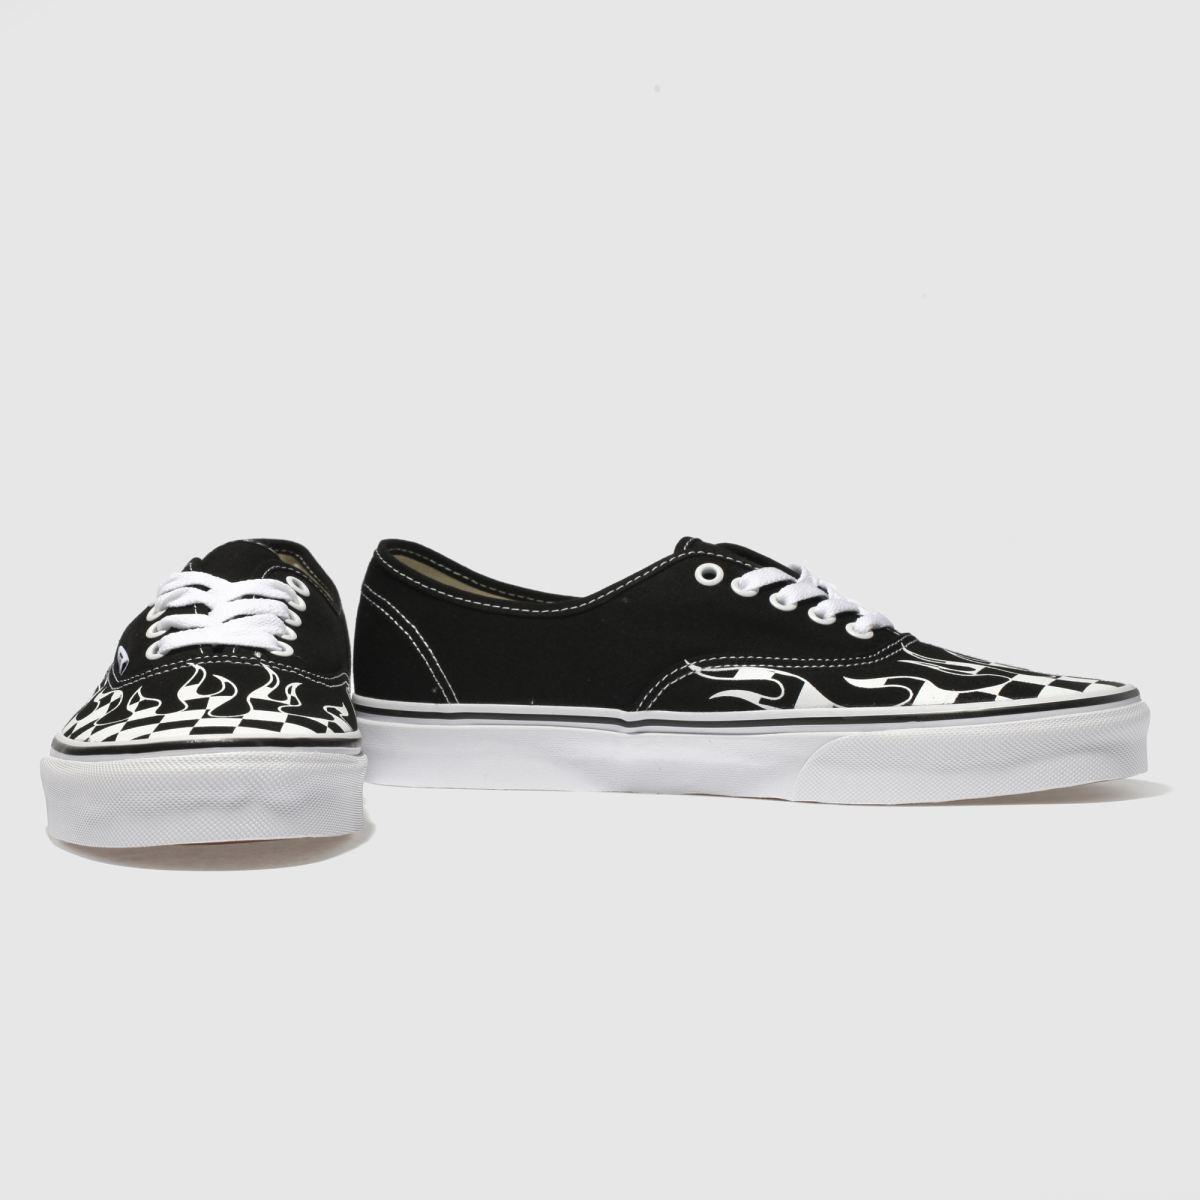 6facafe1c01539 Herren Schwarz-weiß schuh vans Authentic Sneaker